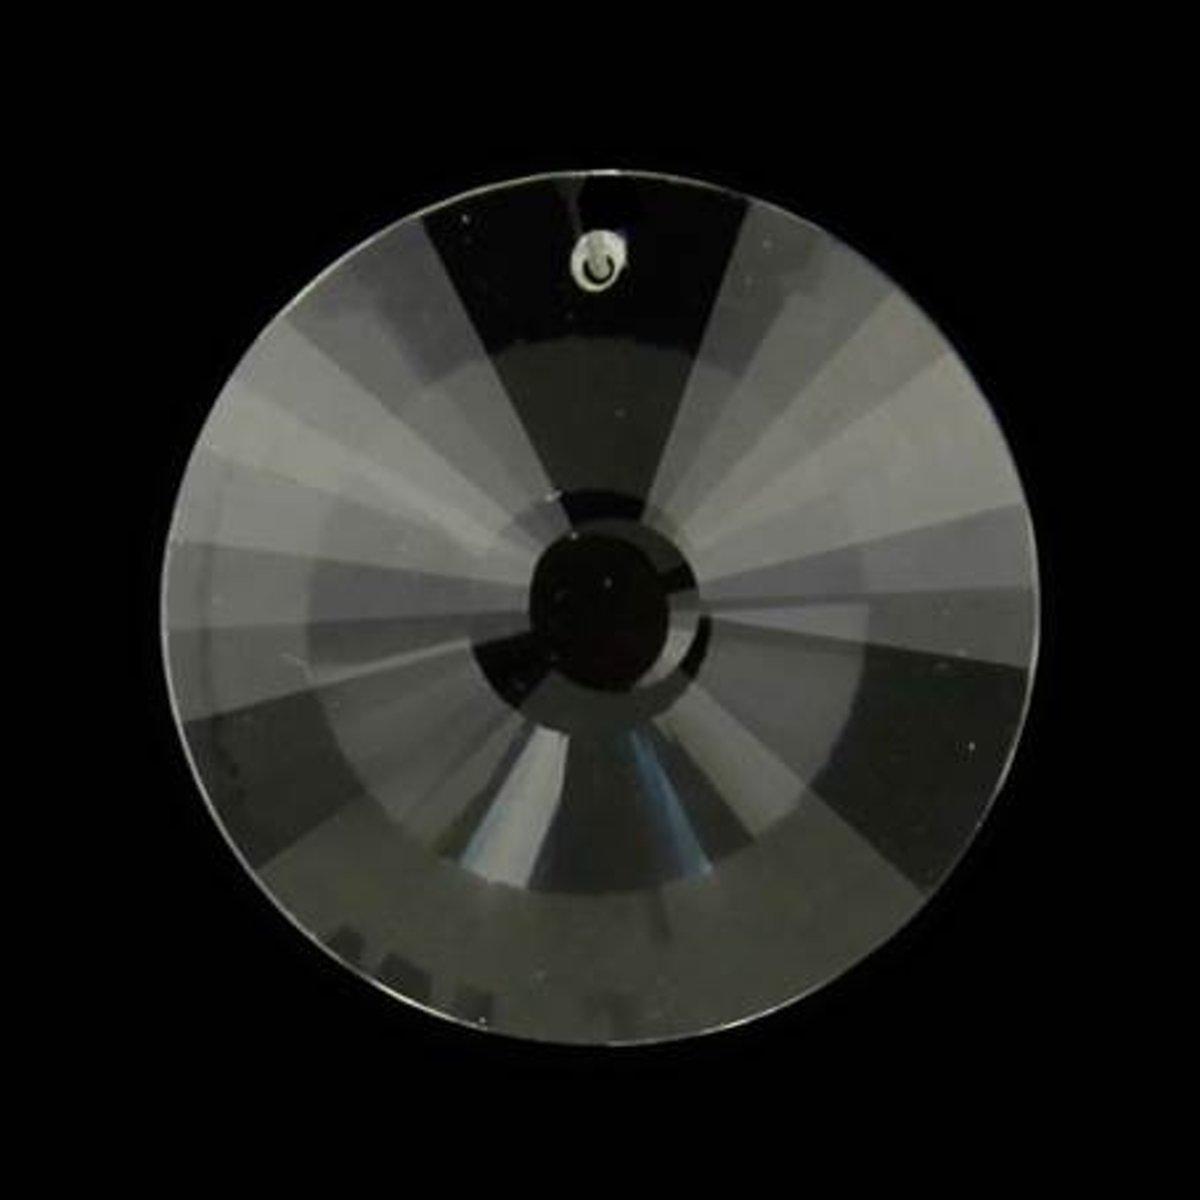 Regenboogkristal cirkel AAA kwaliteit kopen